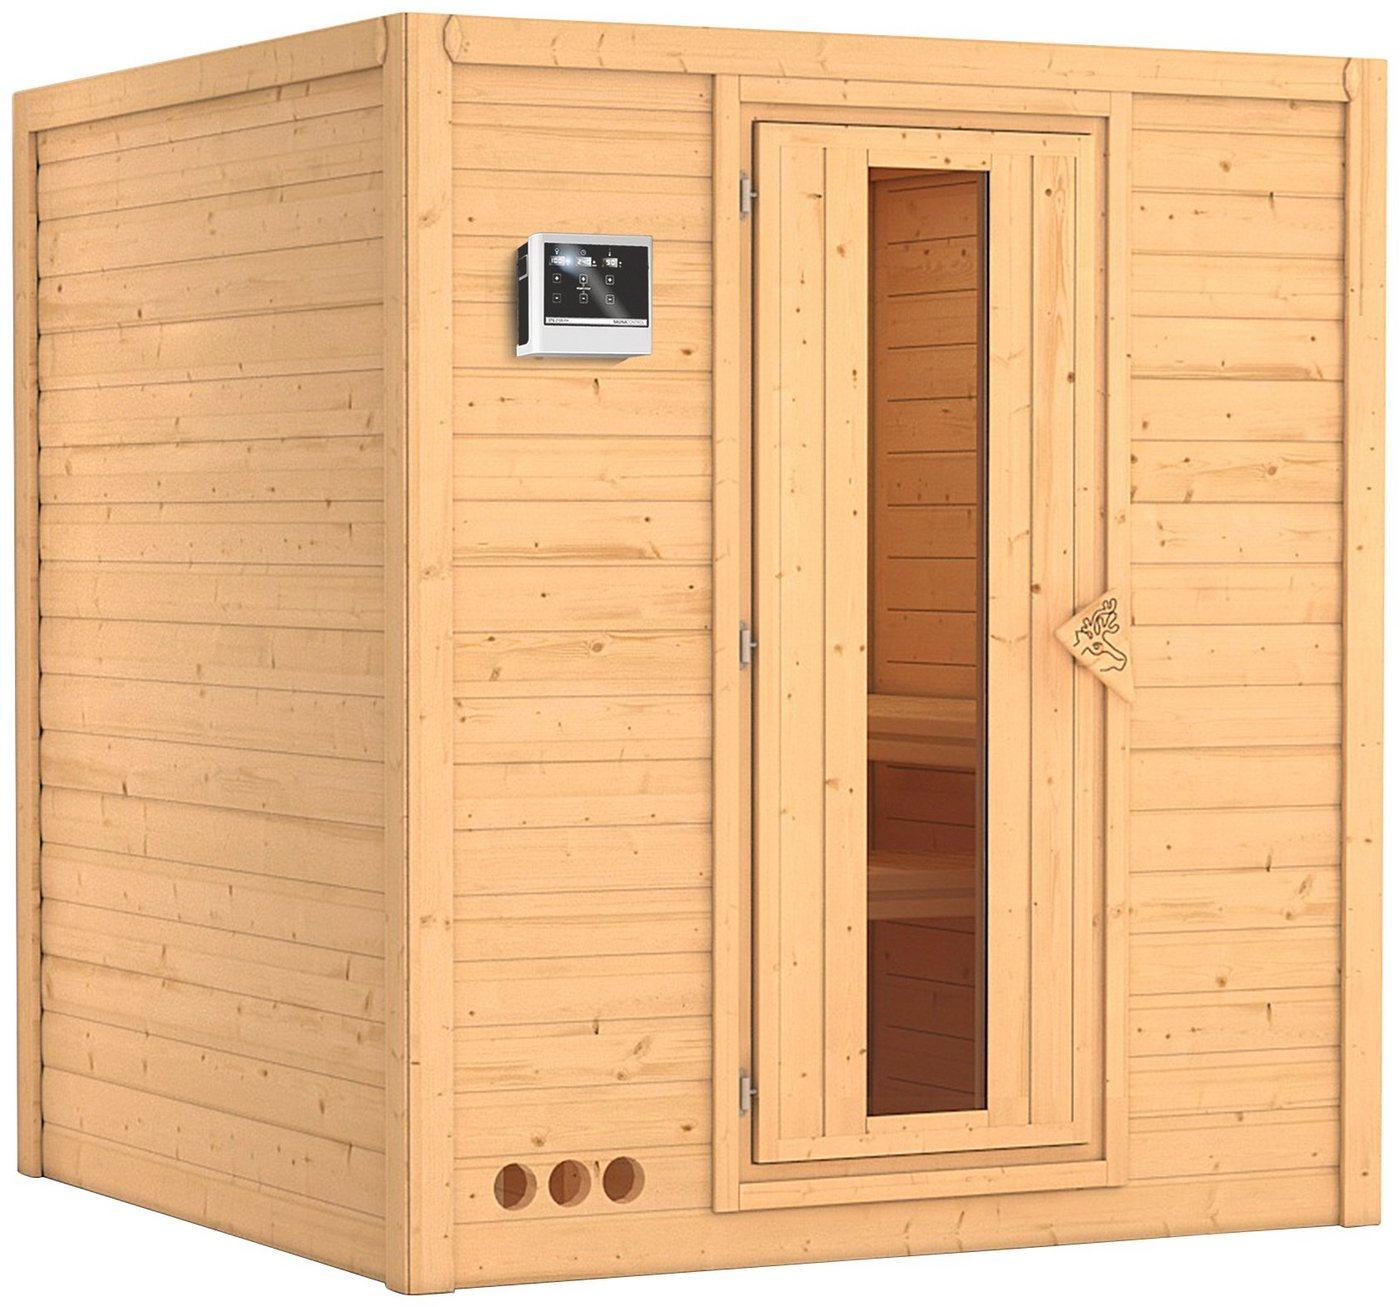 KONIFERA Sauna »Mojave«, 193/184/209 cm, 9-kW-Ofen mit ext. Steuerung, Holztür